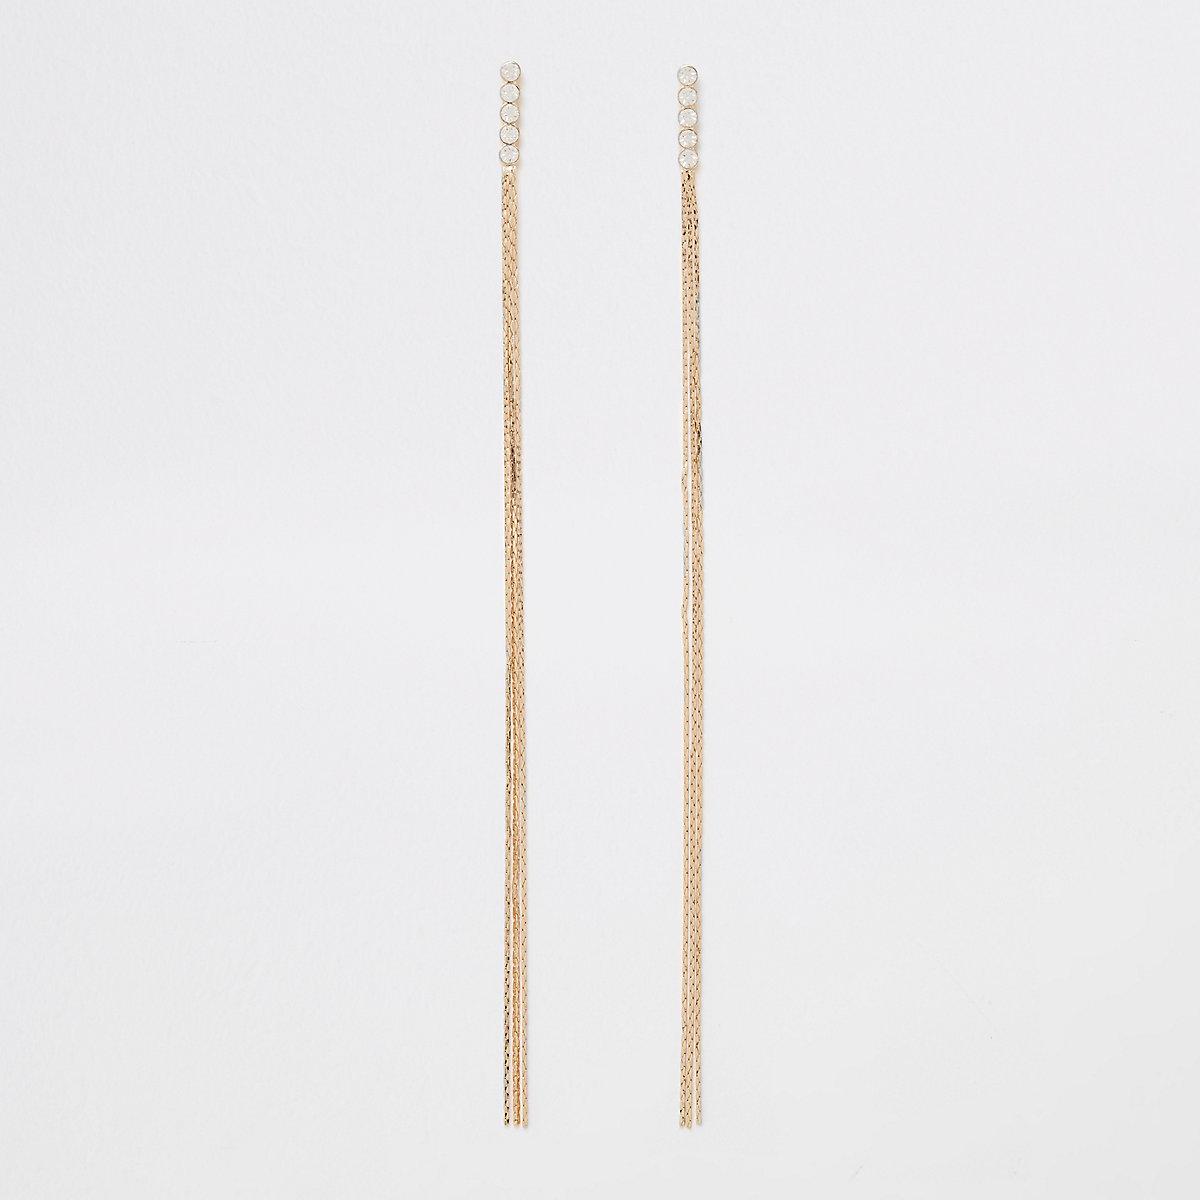 Gold tone slinky link chain drop earrings